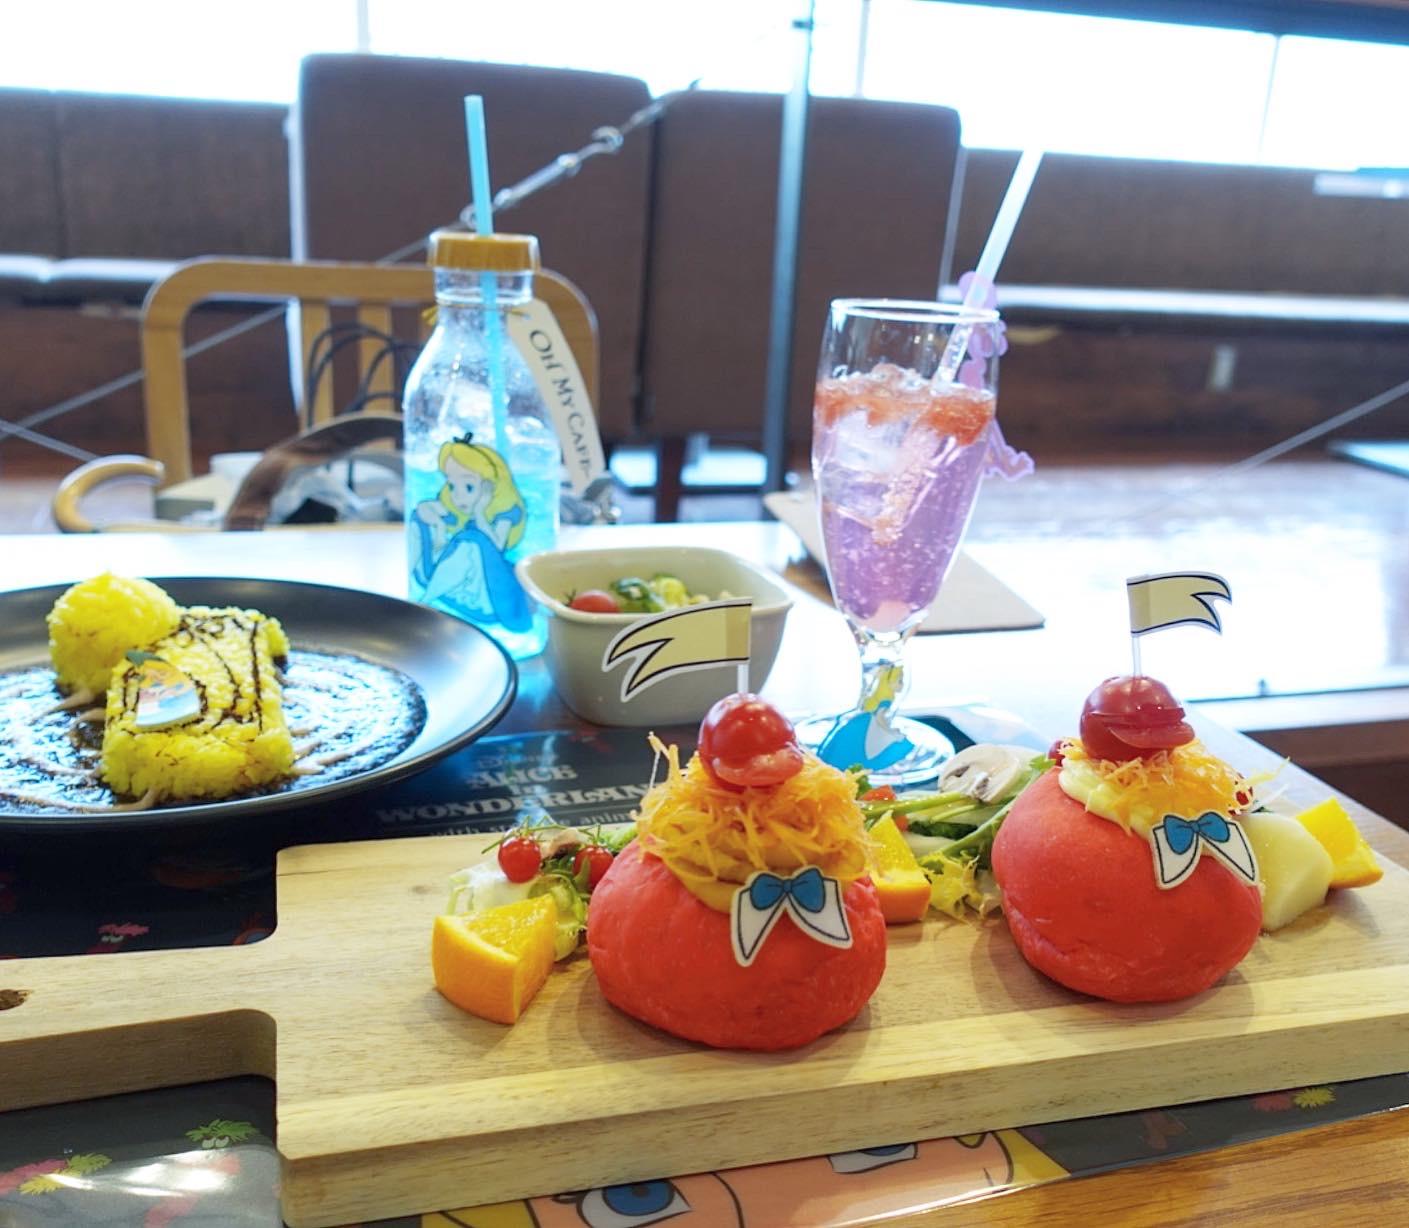 ふしぎの国のアリス好き必見!ふしぎの国のアリスカフェが大阪で開催中!ヘルシーメニュー満載の「OH MY CAFE」でアリスの世界観を堪能できちゃいます★_2